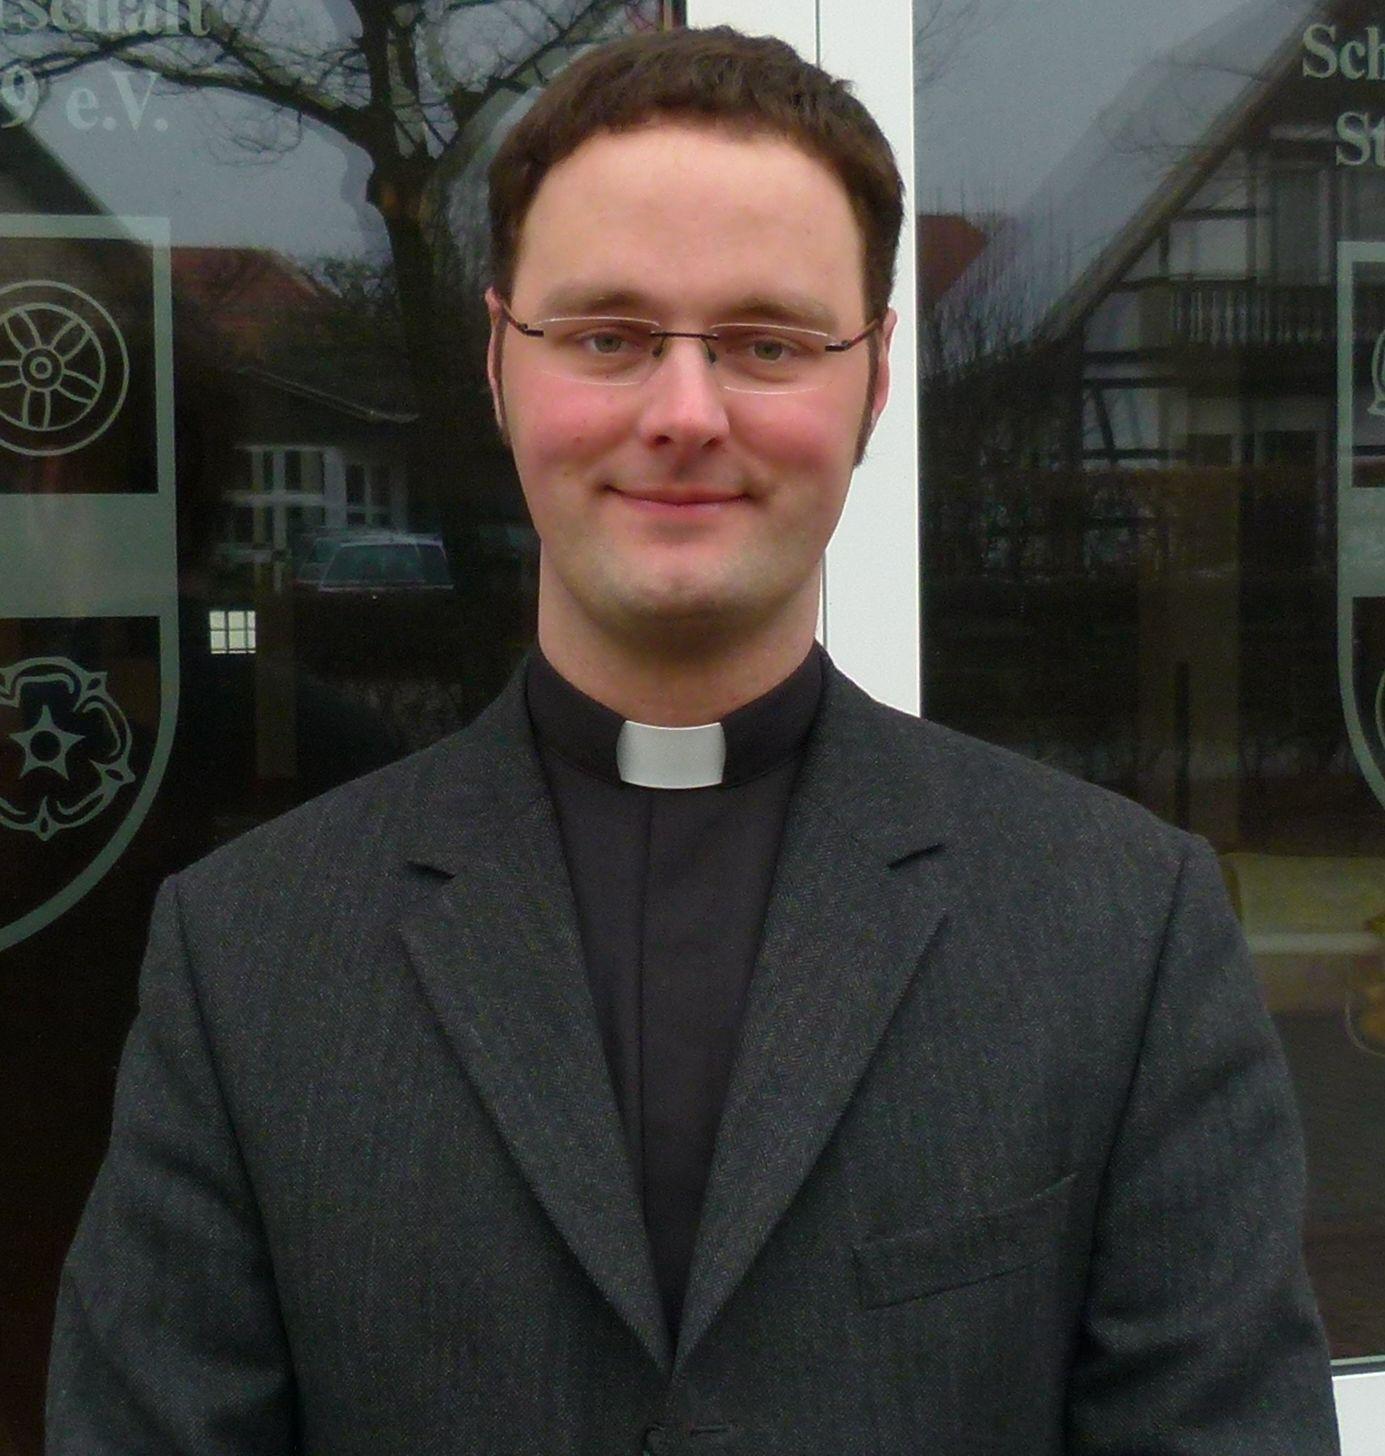 Thomas Schmidt - Pfarrer in Störmede seit 2004